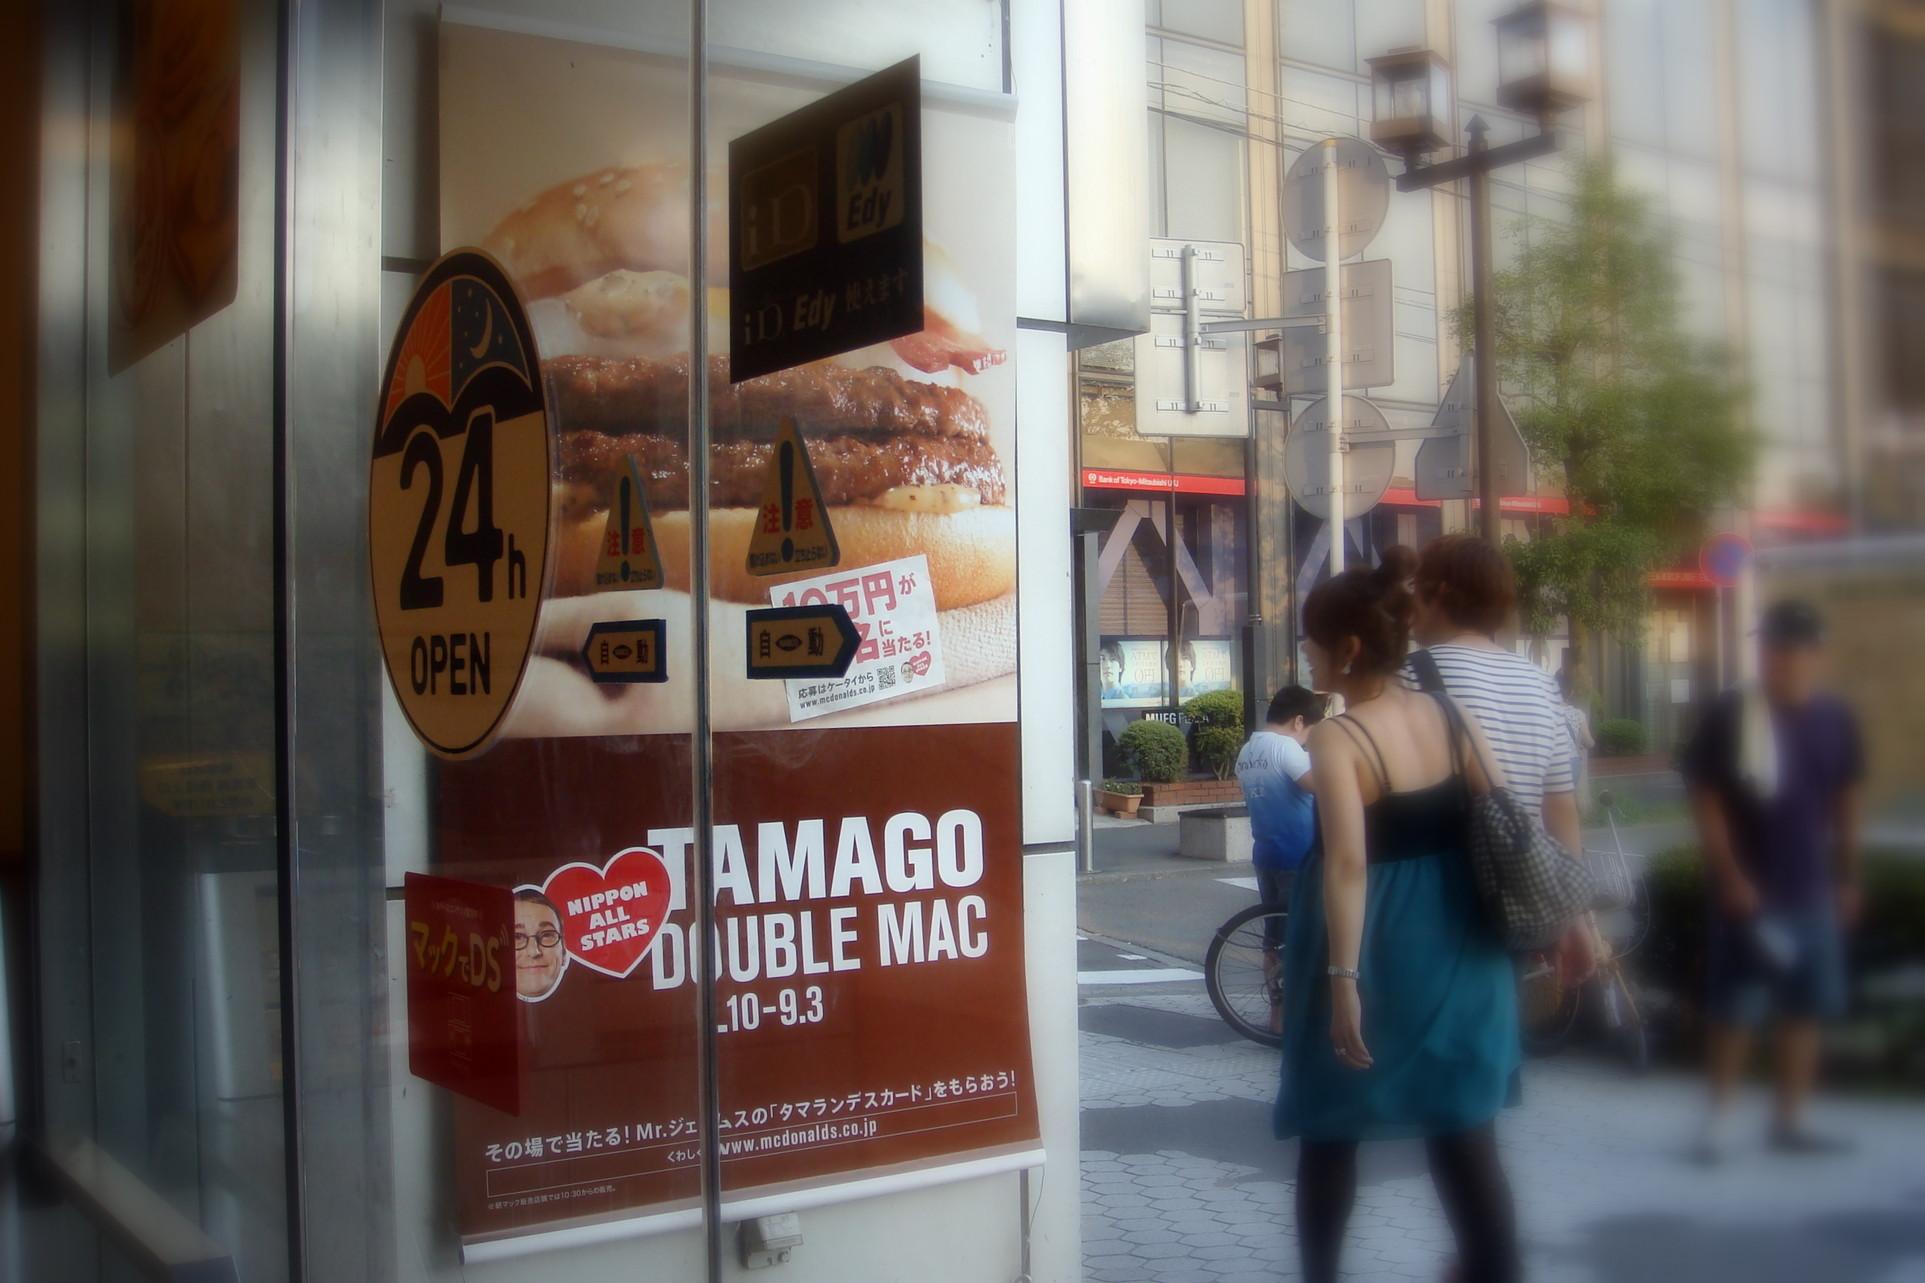 マクドナルド 鎌倉駅前店